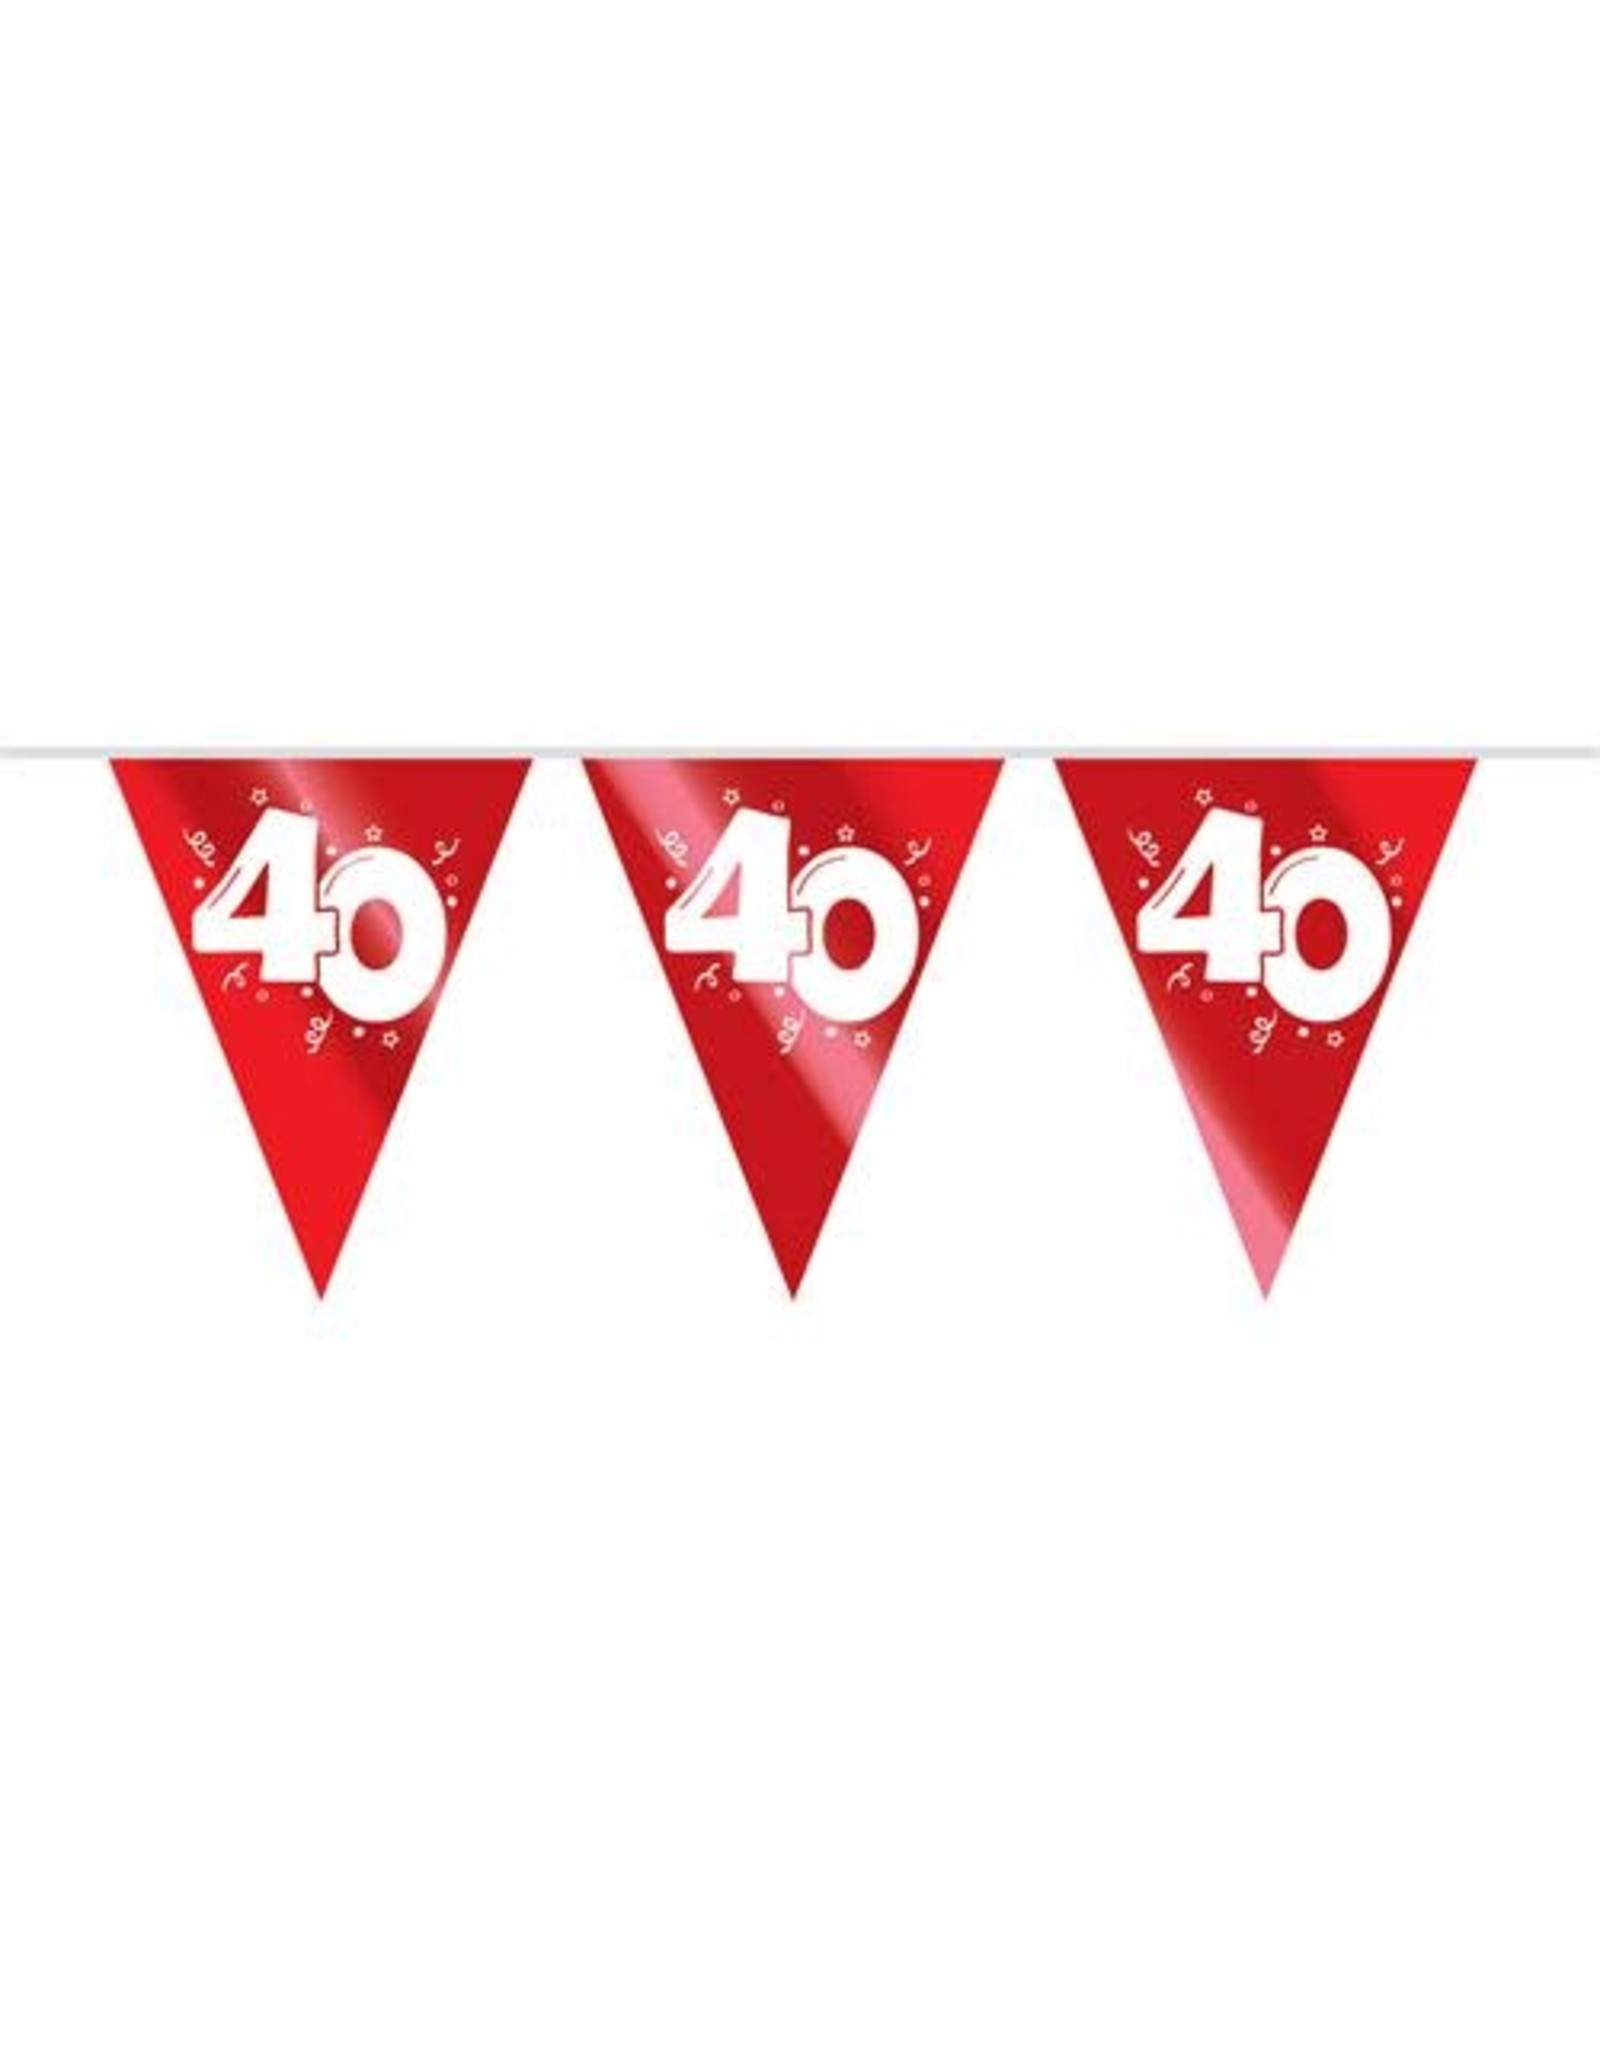 Vlaggenlijn Robijn 40 jaar (10 m)